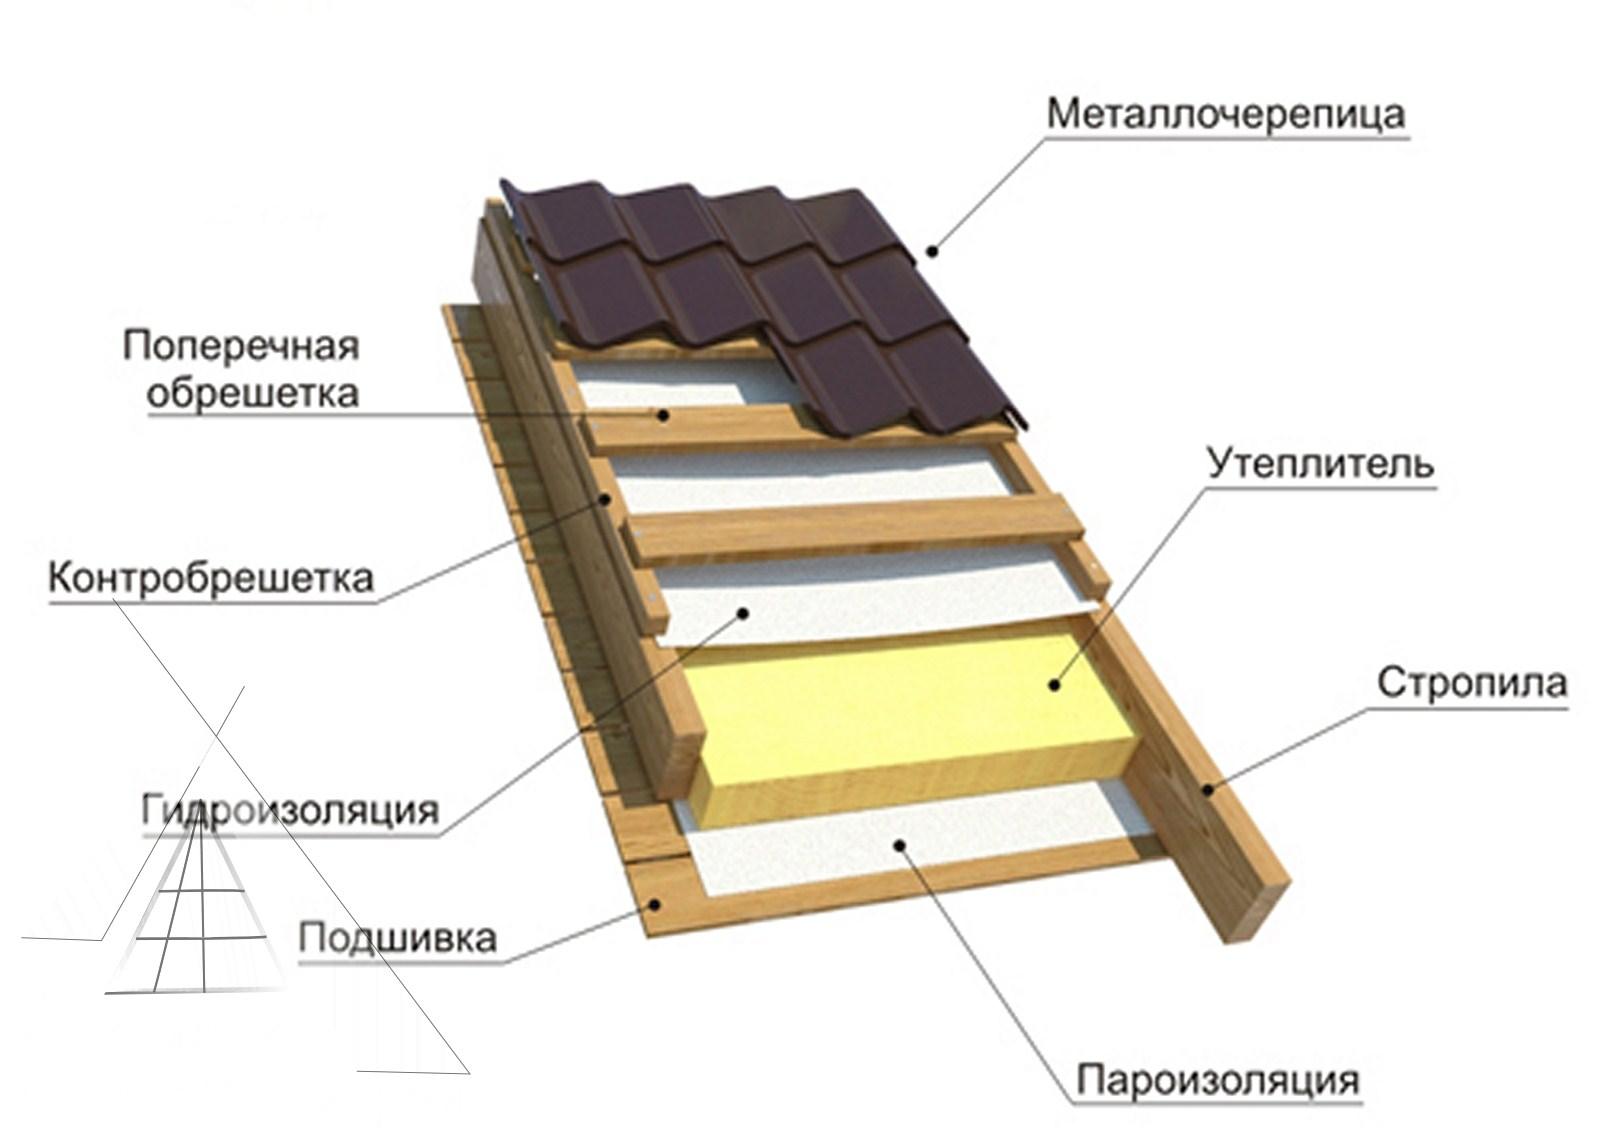 Как правильно сделать пирог потолка